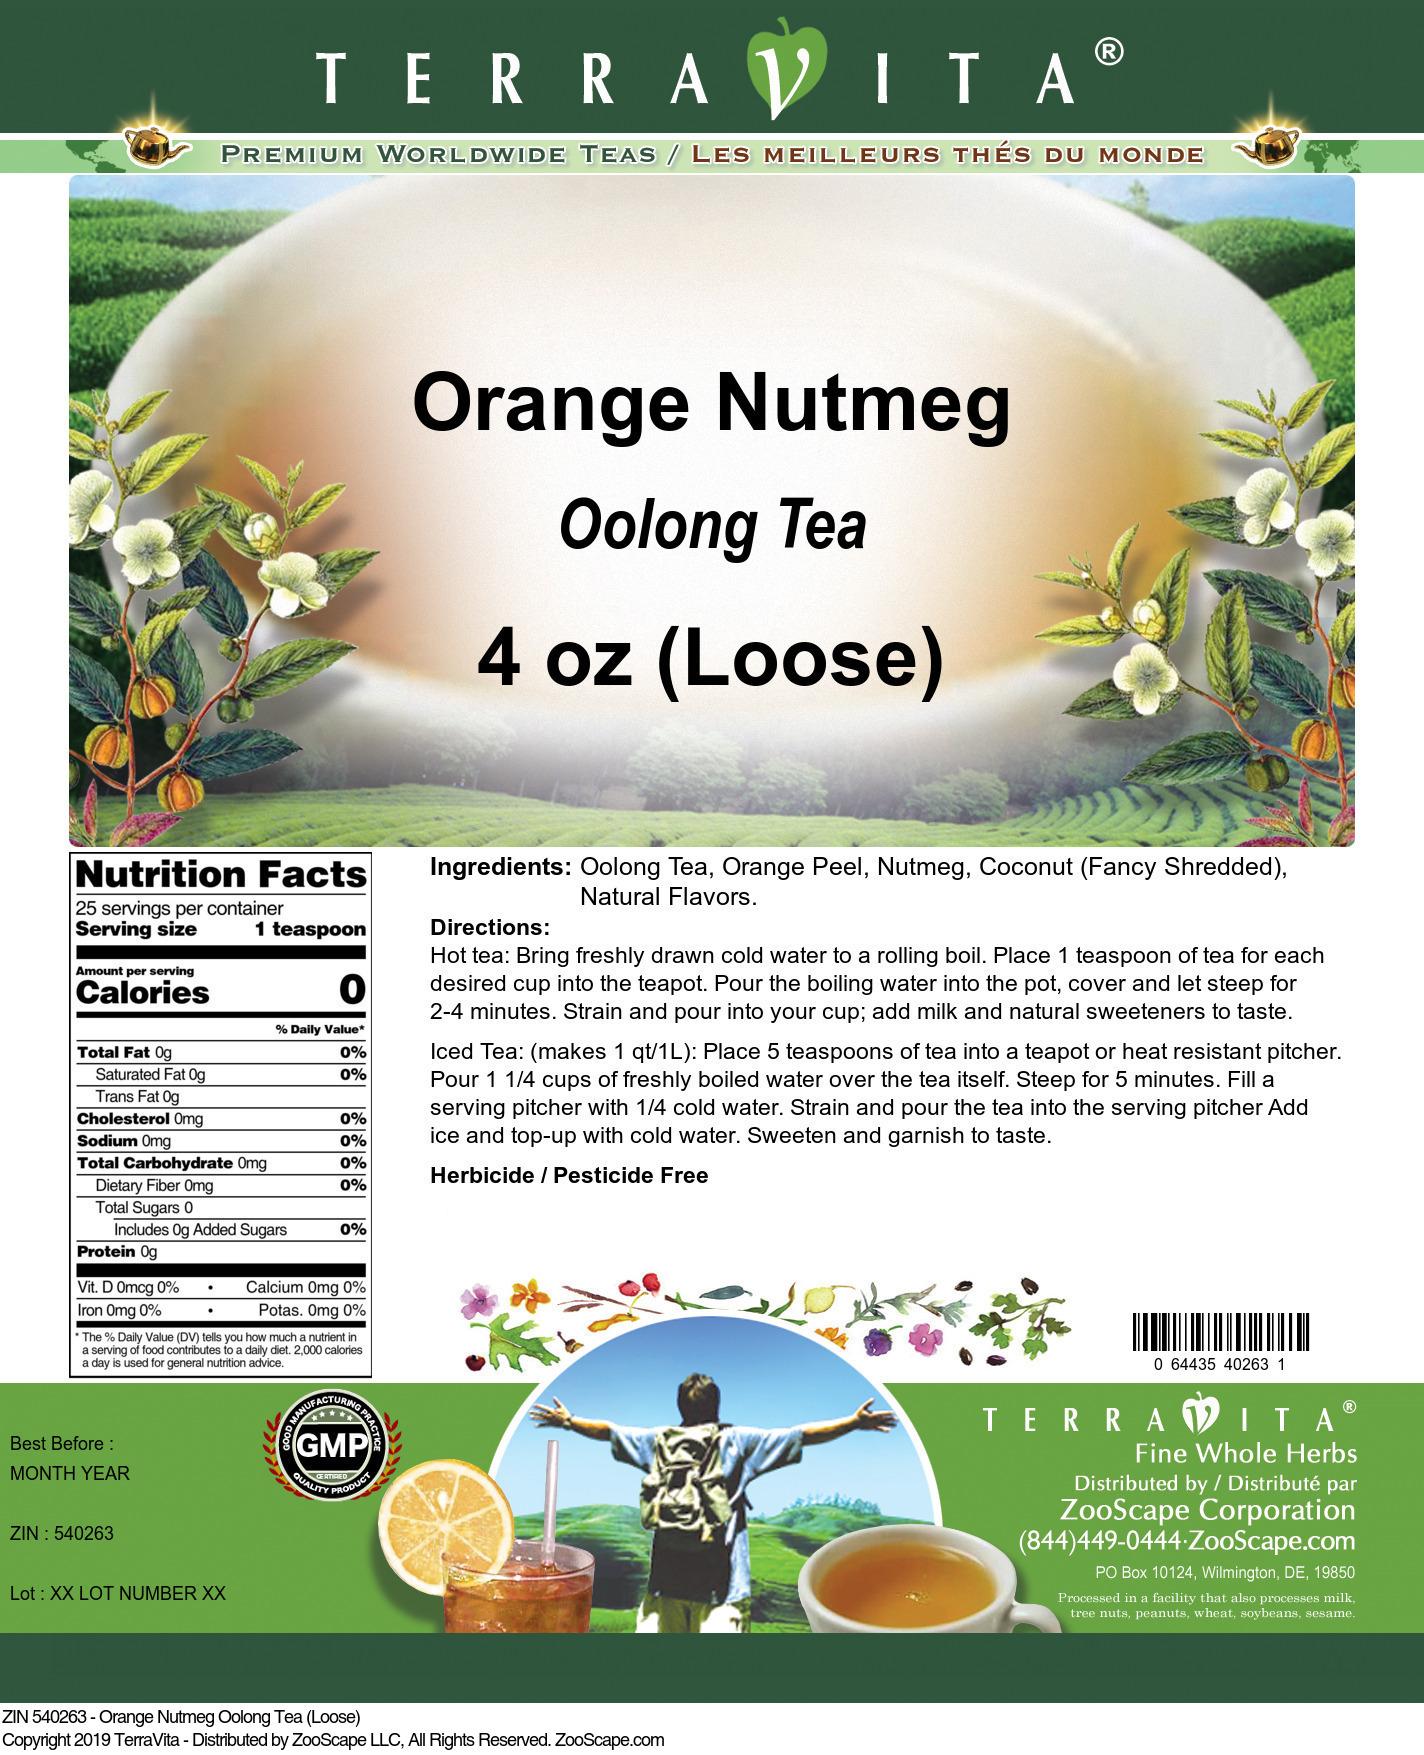 Orange Nutmeg Oolong Tea